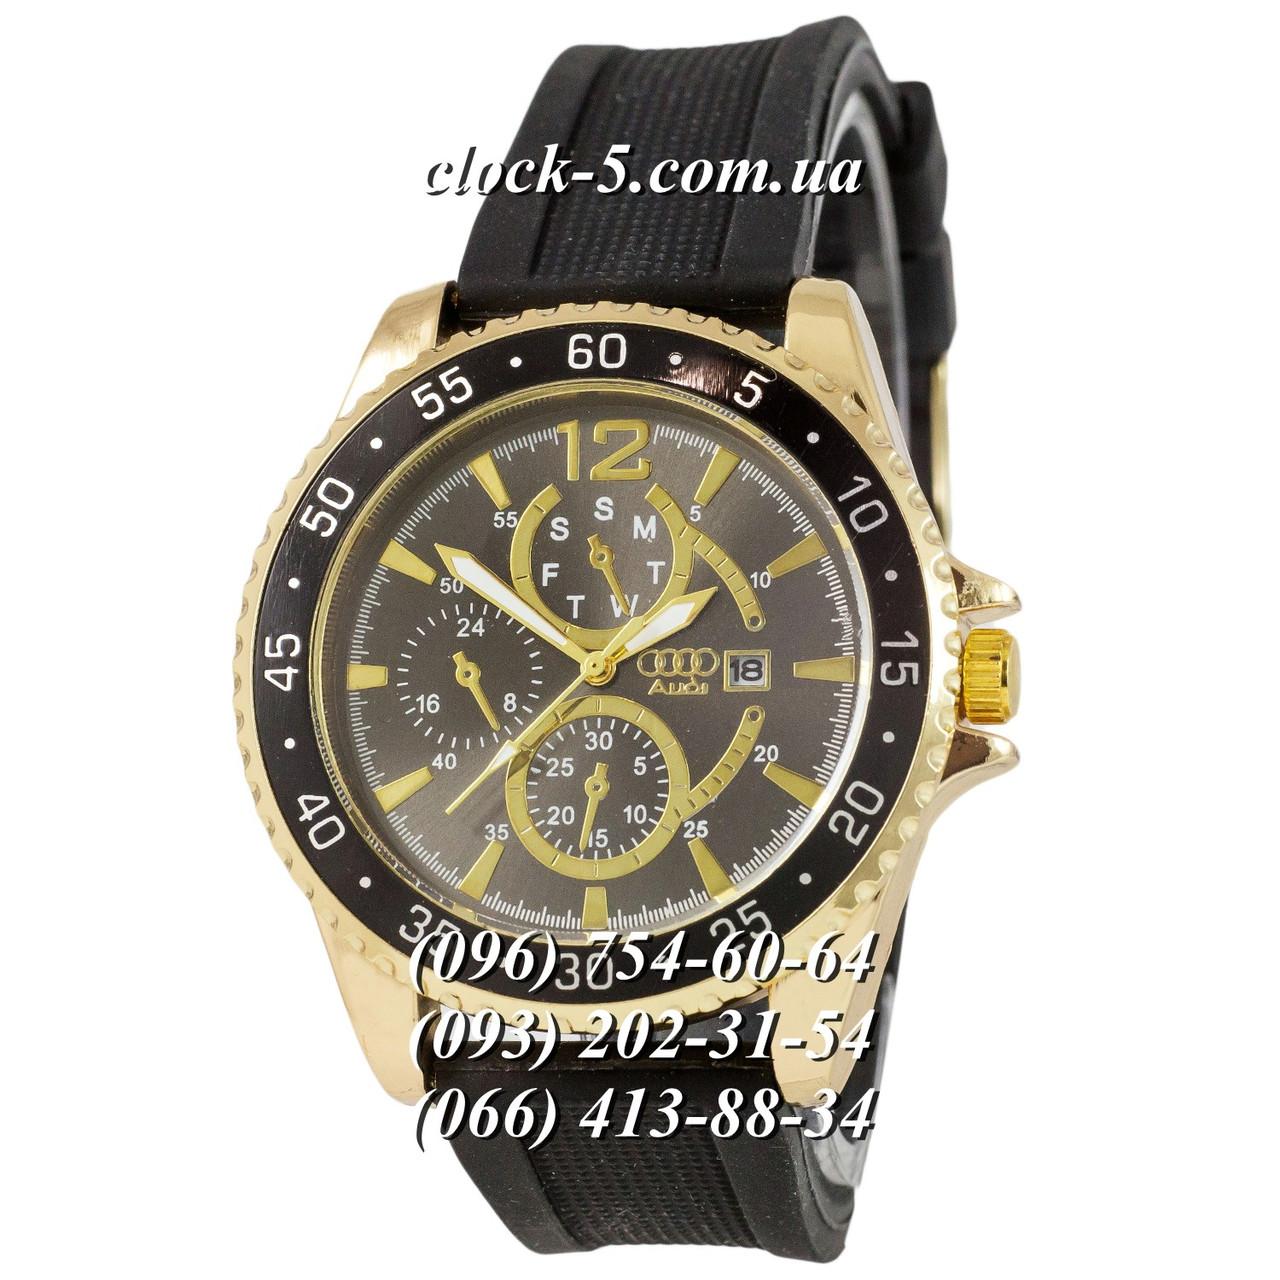 Мужские часы купить недорого  продажа bce2cb885104b